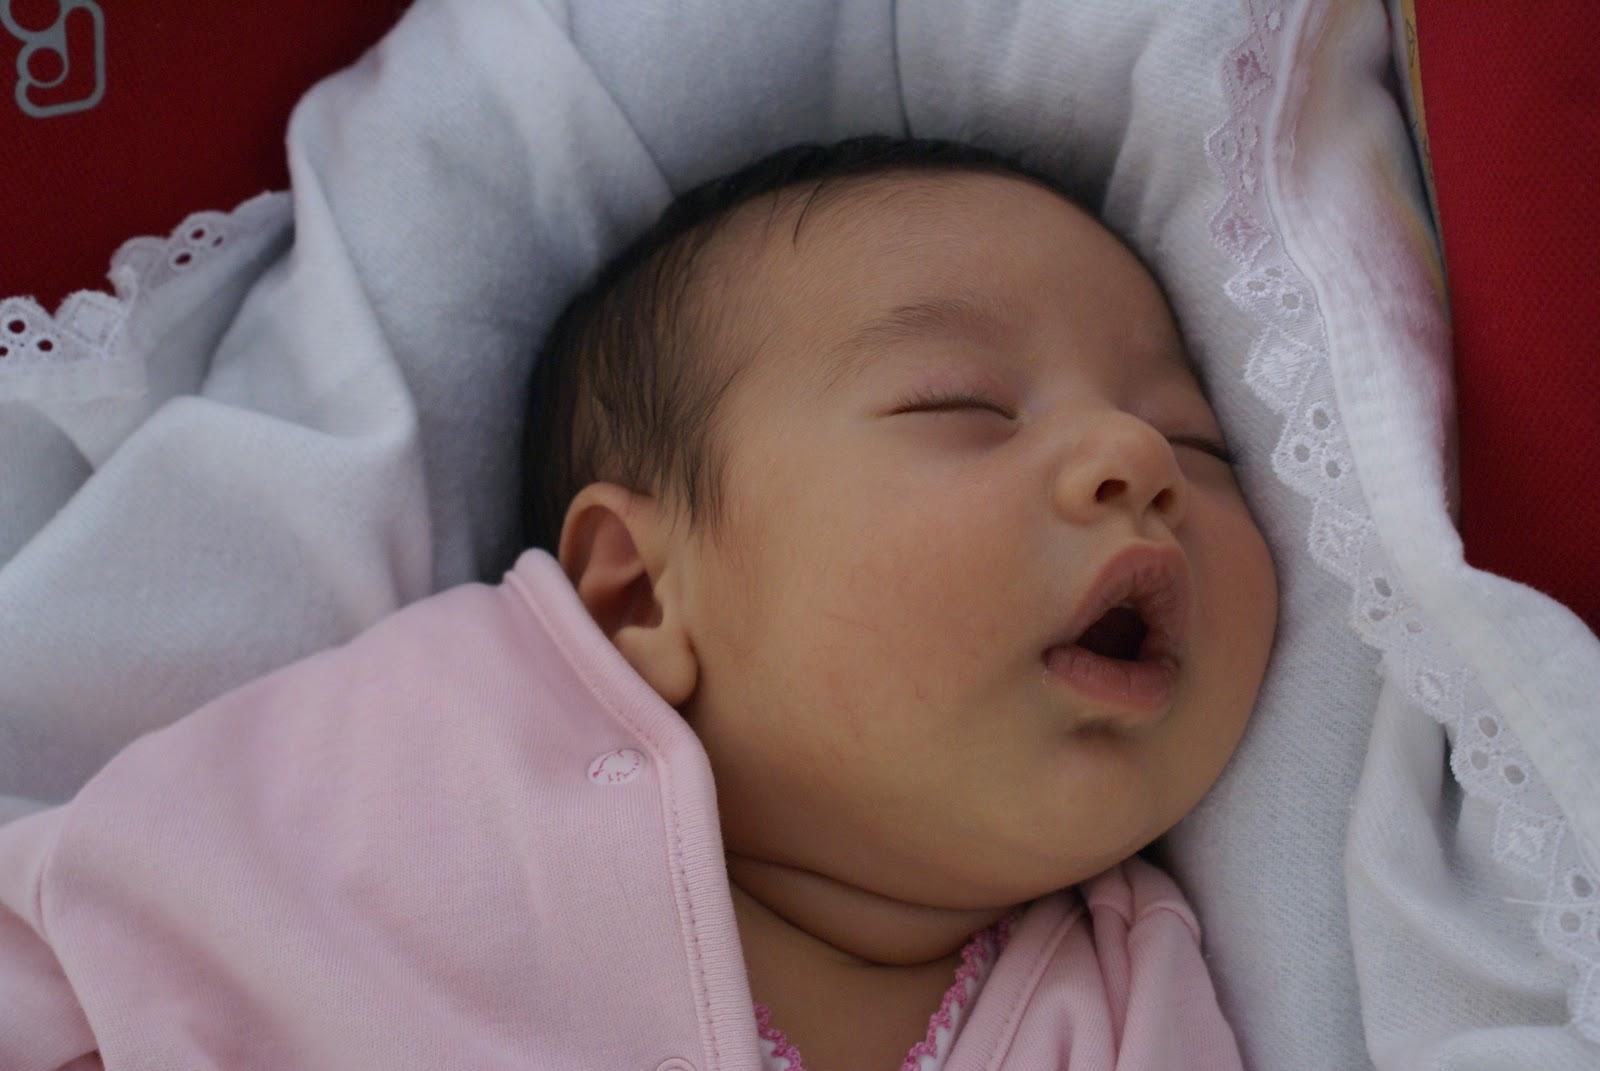 Bebeklerde Araba Tutması Nasıl Geçer Uzman Doktor Tavsiyeleri